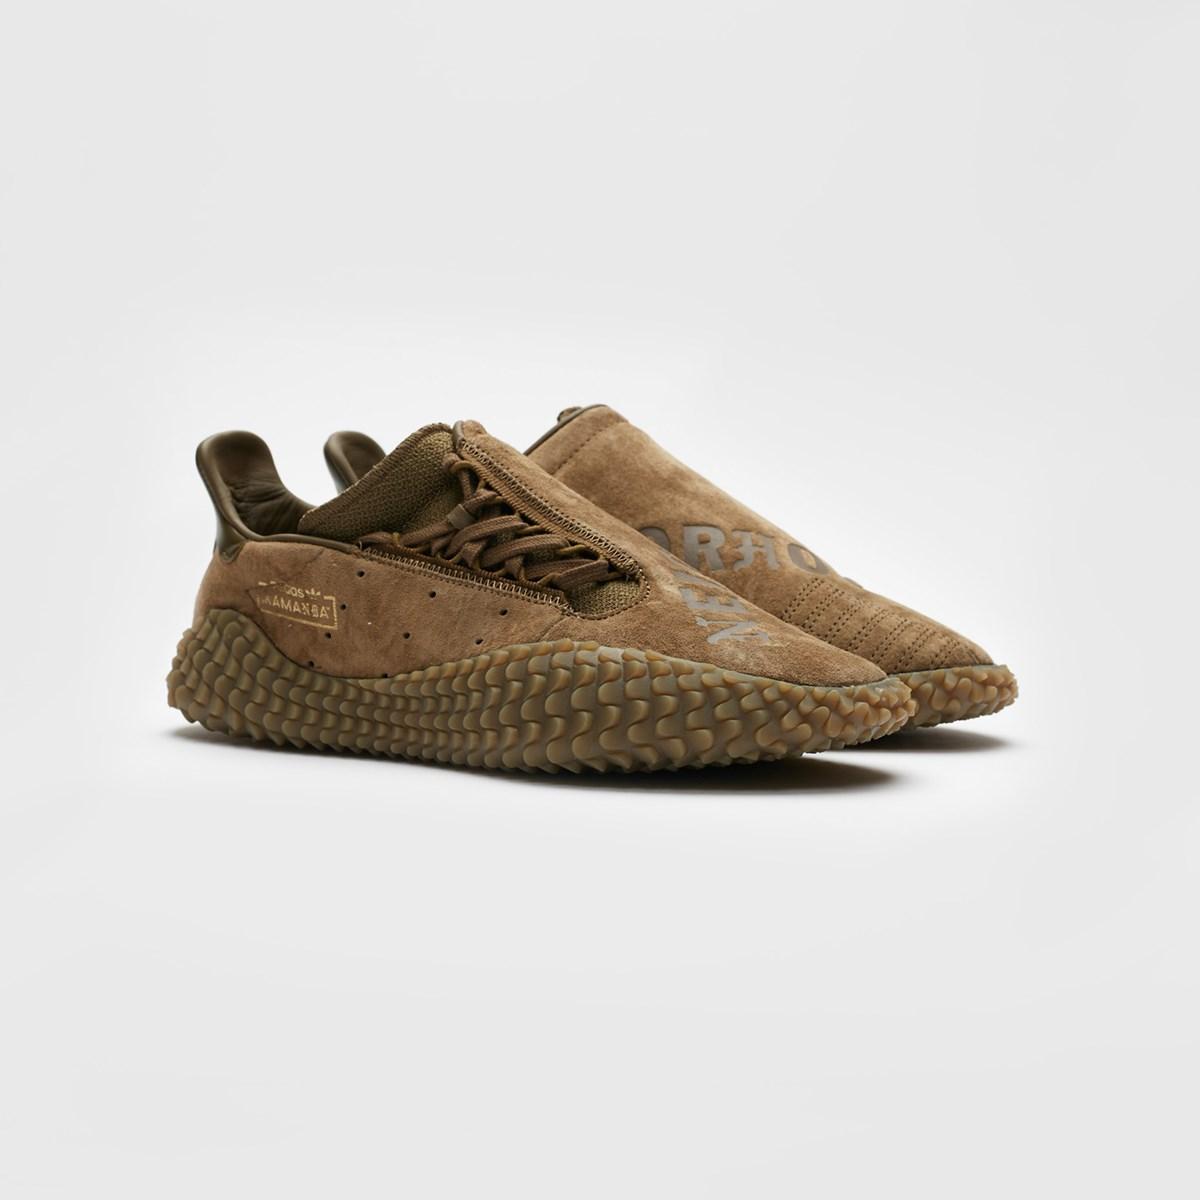 cf5df7d4f15f adidas Kamanda 01 x NBHD - B37340 - Sneakersnstuff